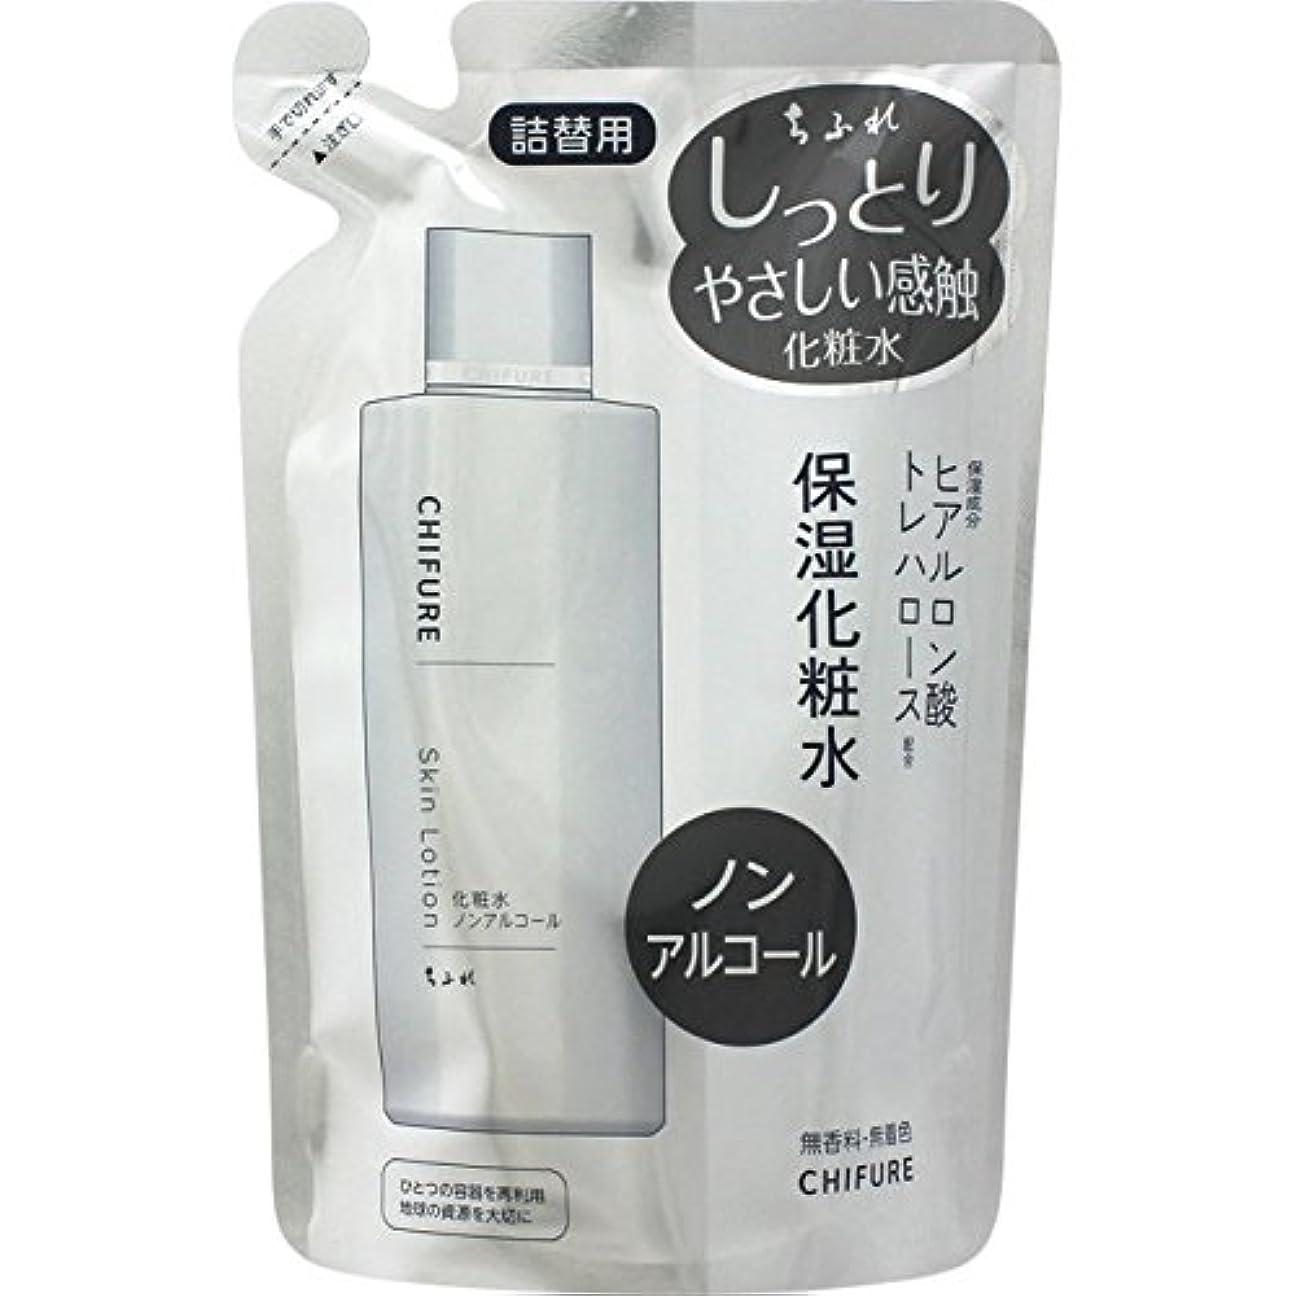 歪める絶対に裸ちふれ化粧品 化粧水Nノンアルコールタイプ詰替用 150ml 150ML